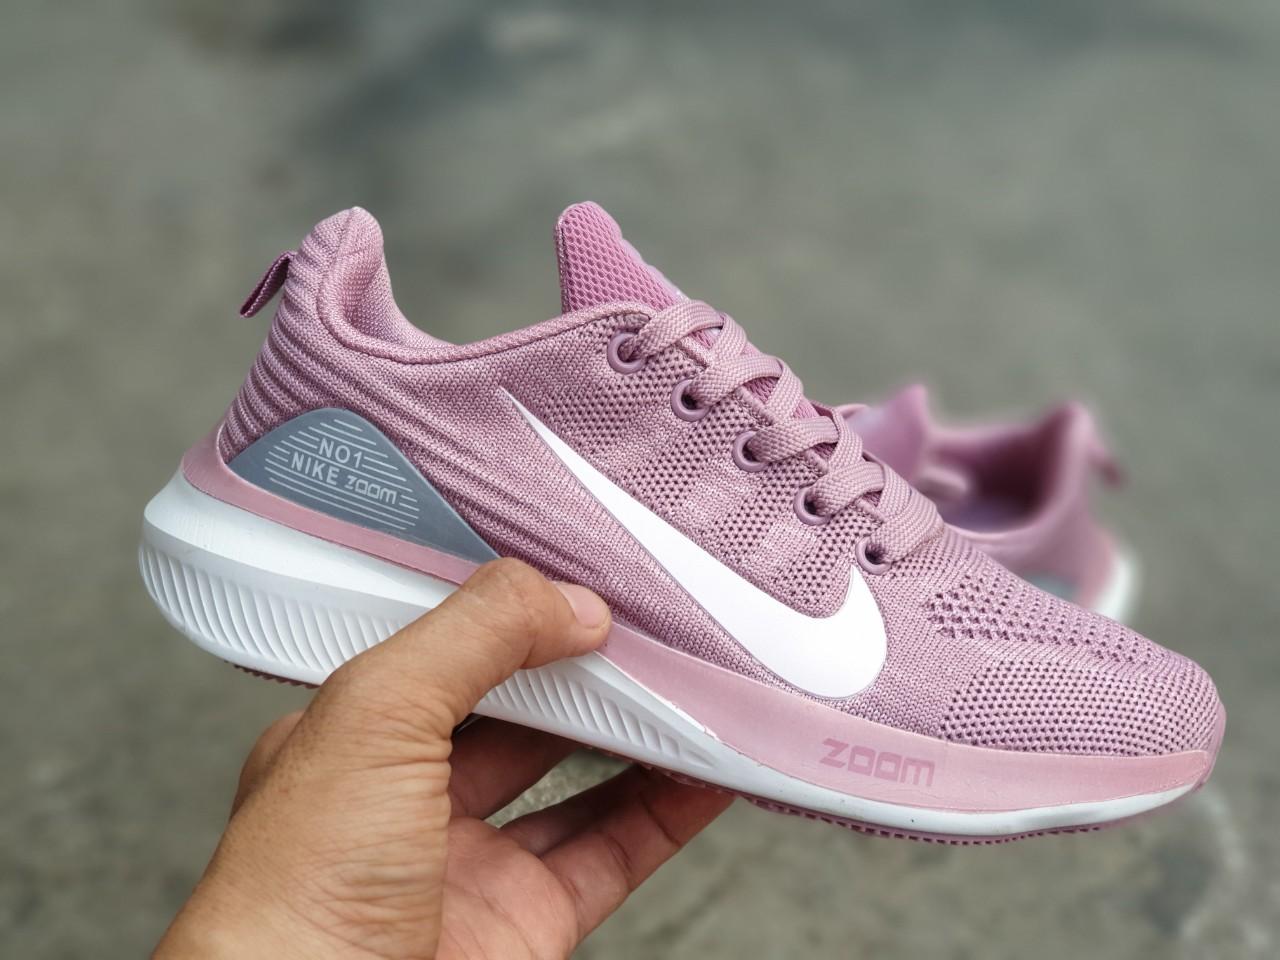 Giày Nike Zoom nữ F14 màu tím pastel